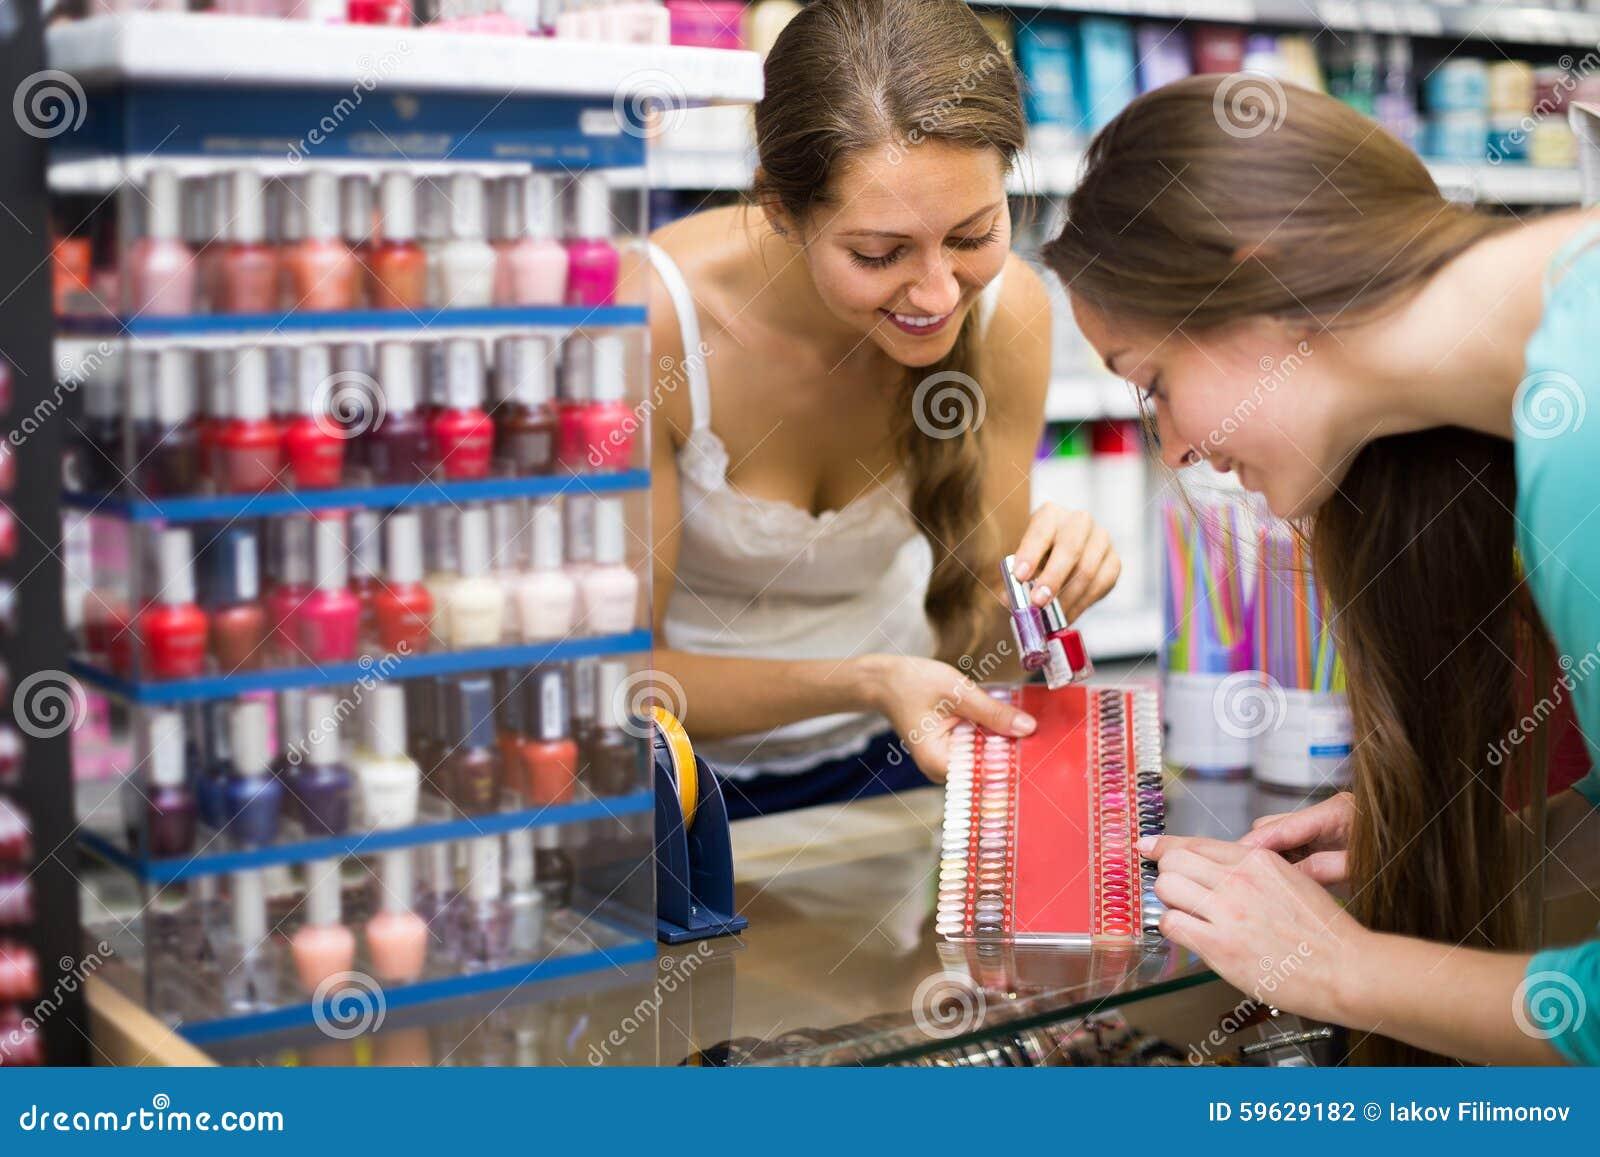 Girl Choosing Nail Polish At Store Stock Photo - Image of client ...